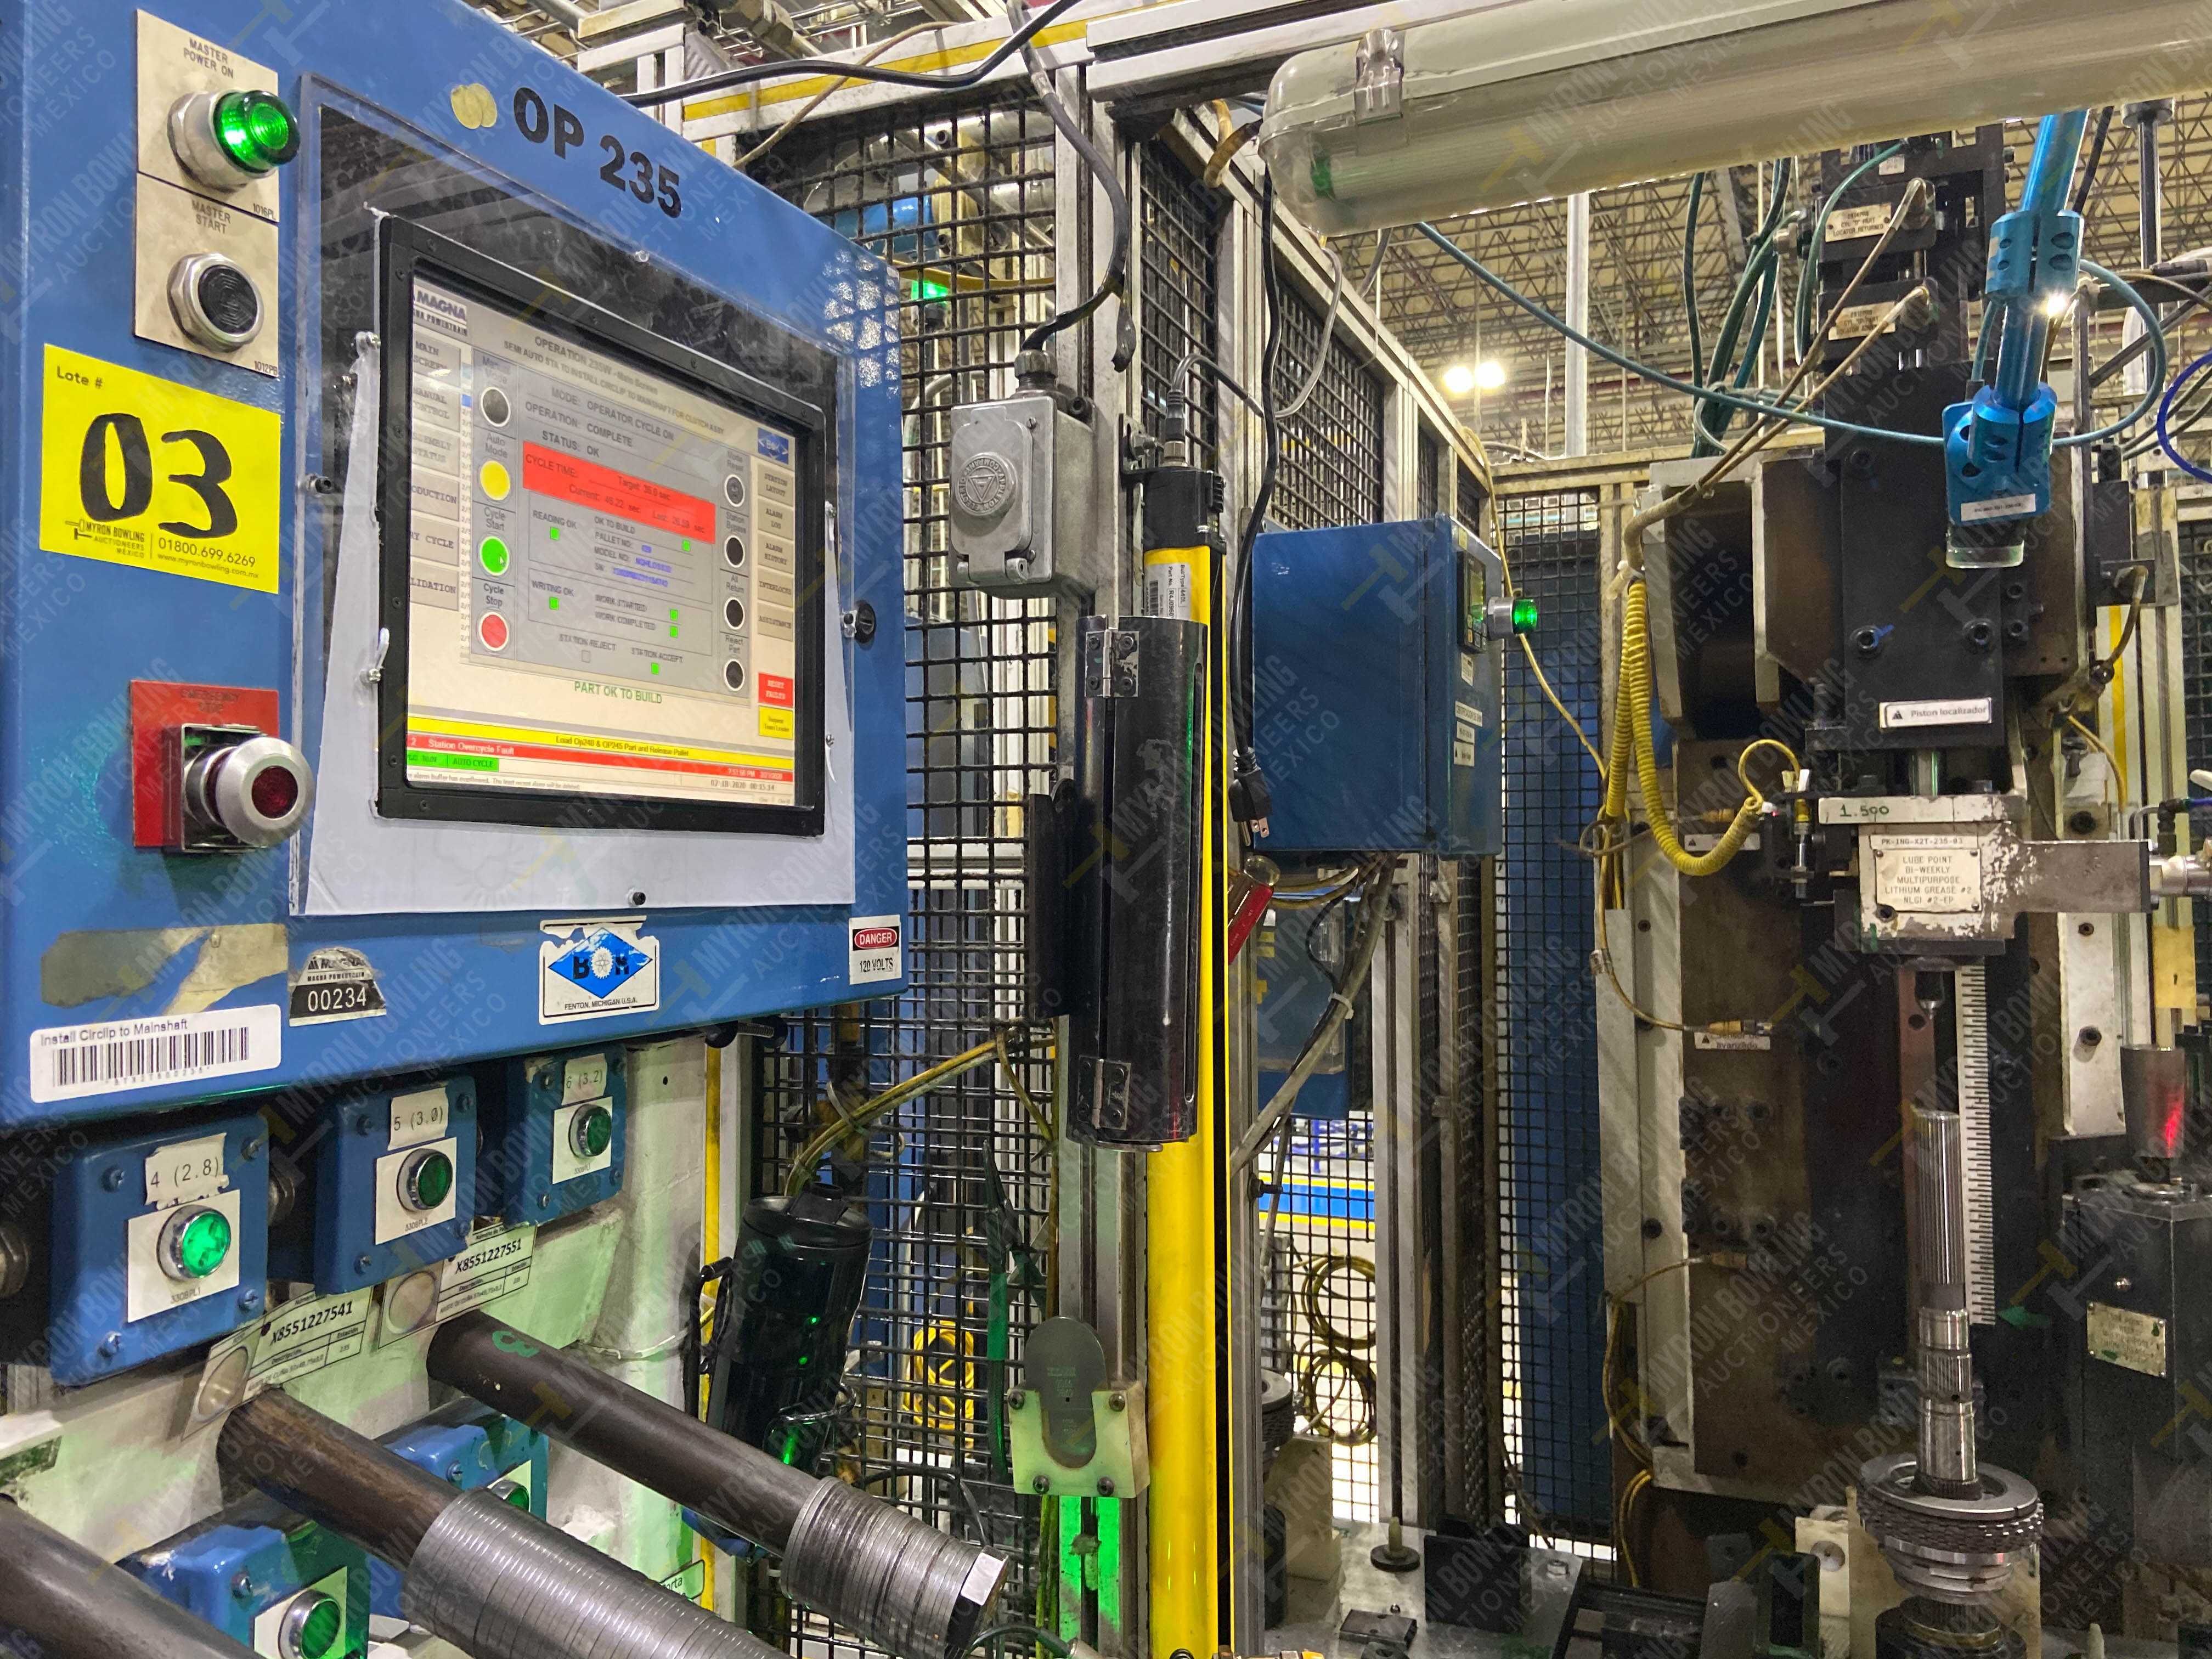 Estación semiautomáticapara operación 235 de ensamble de candado - Image 7 of 22